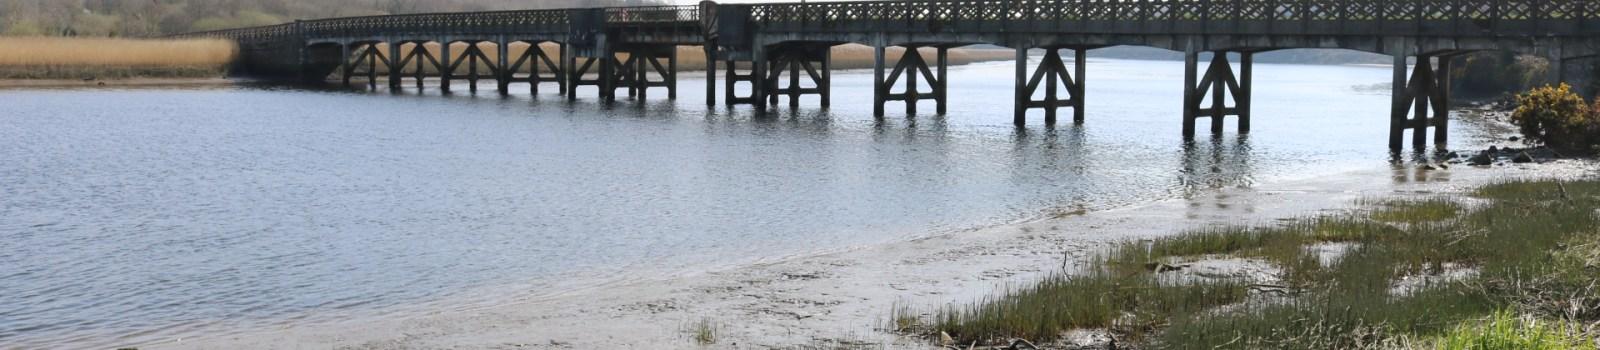 Slaney River, Killurin